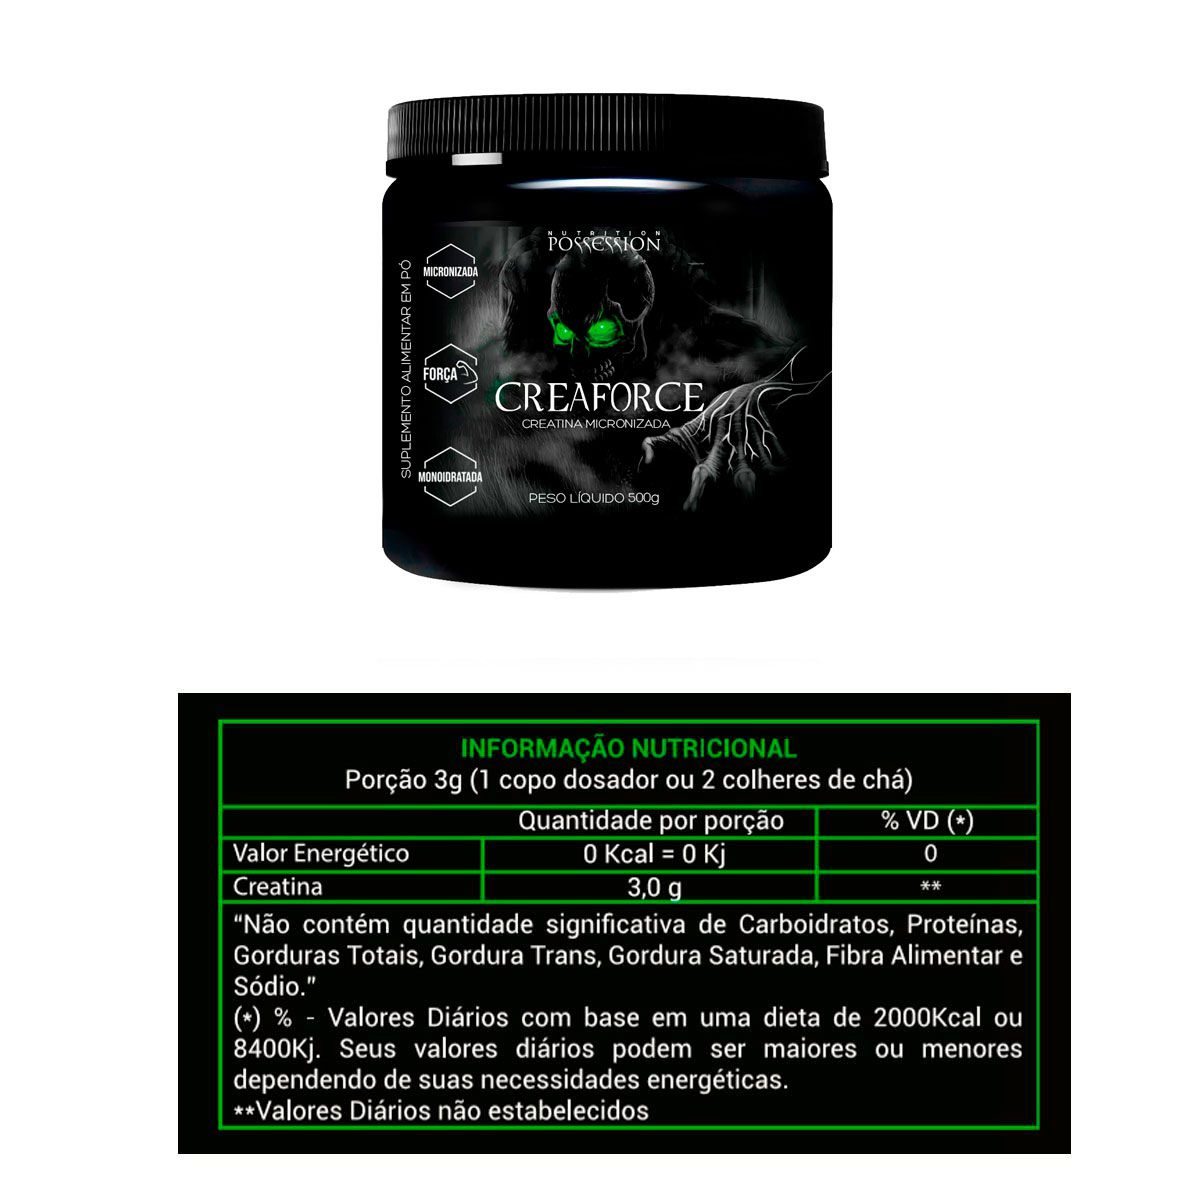 Creaforce Creatina Micronizada Monoidratada 300g - Possession Nutrition